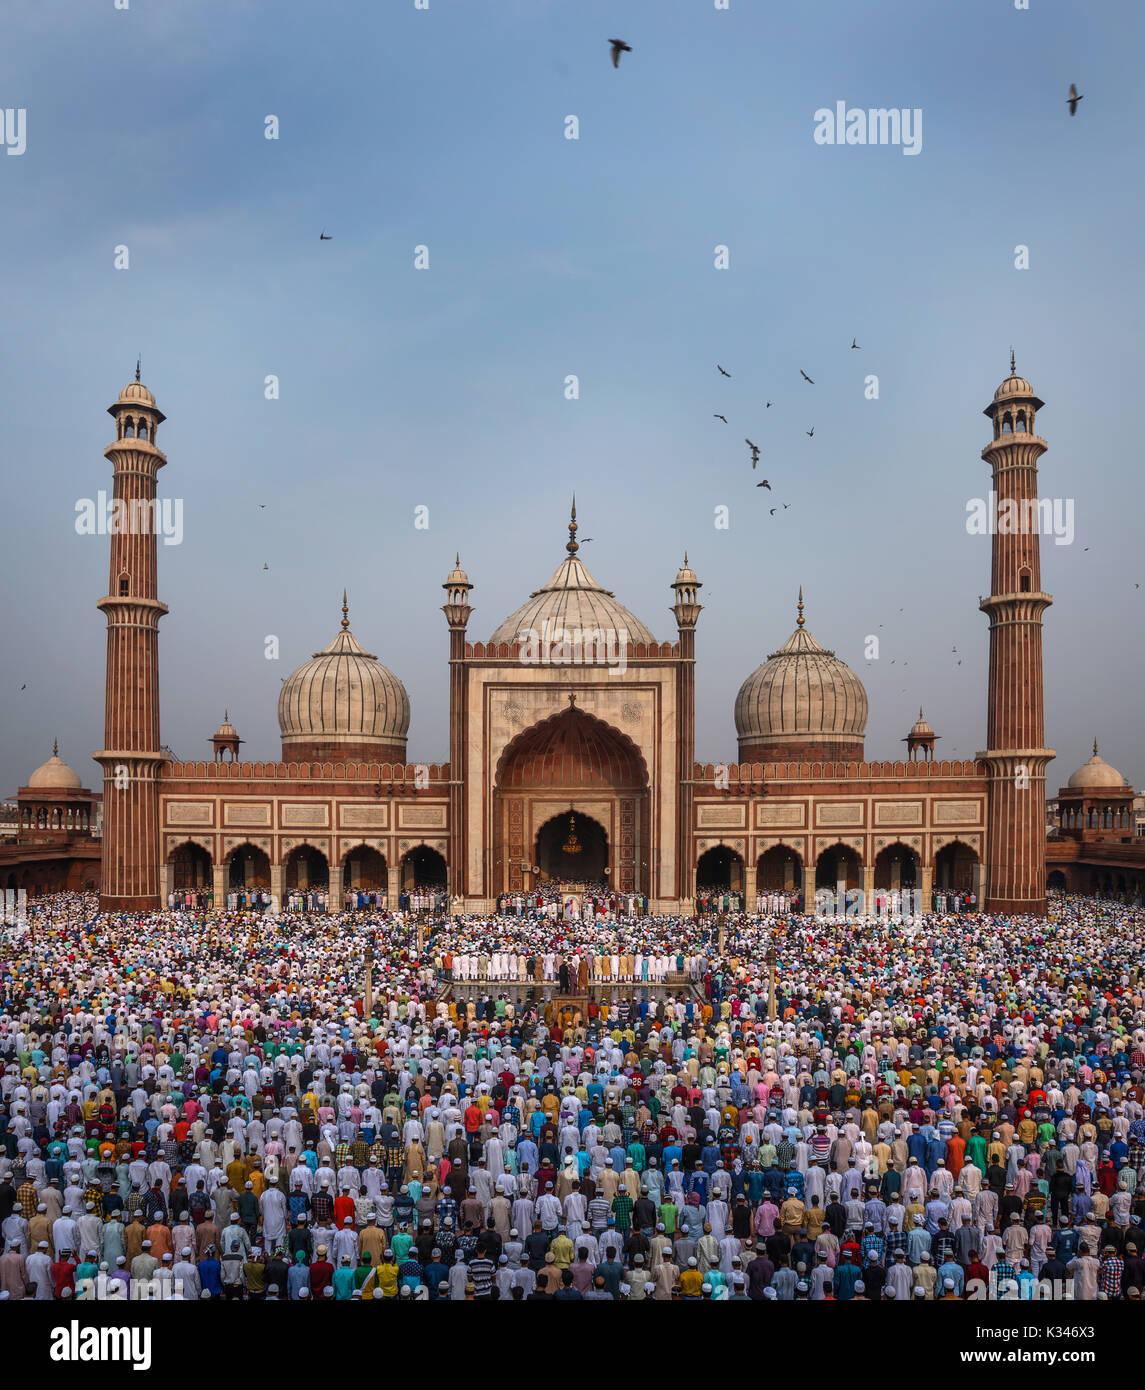 EID Mubarak, Morning EID prayer at Jama Masjid, Delhi, India - Stock Image